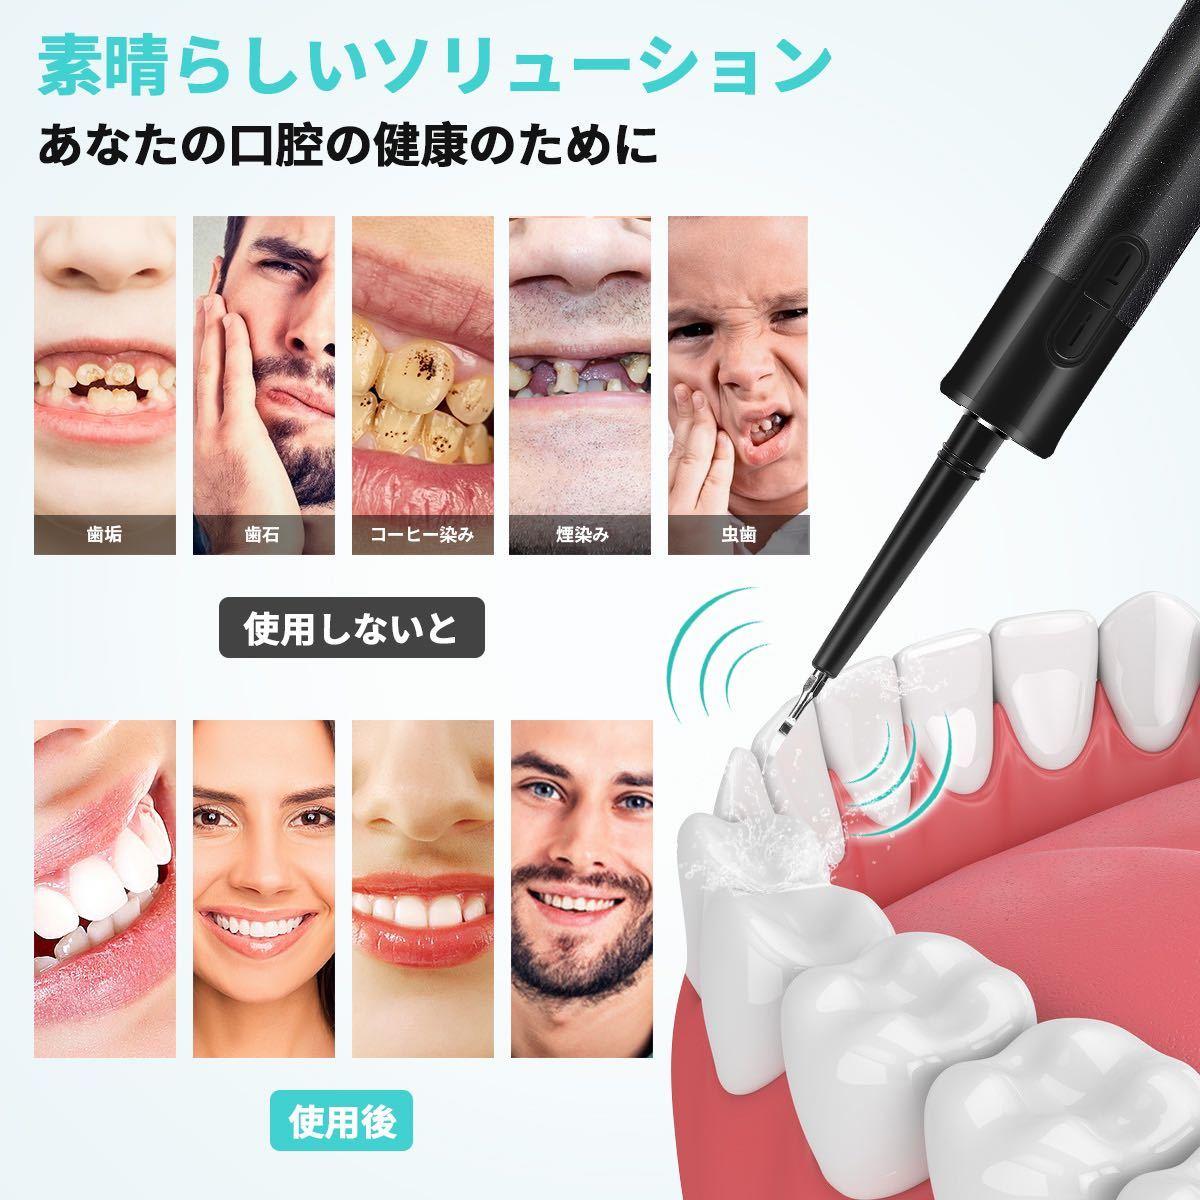 超音波歯清潔器 口腔洗浄器 歯周痛 歯ニヤ取る 歯垢除去 虫歯防止 食べカス 電動歯クリーナー 電動歯ブラシ